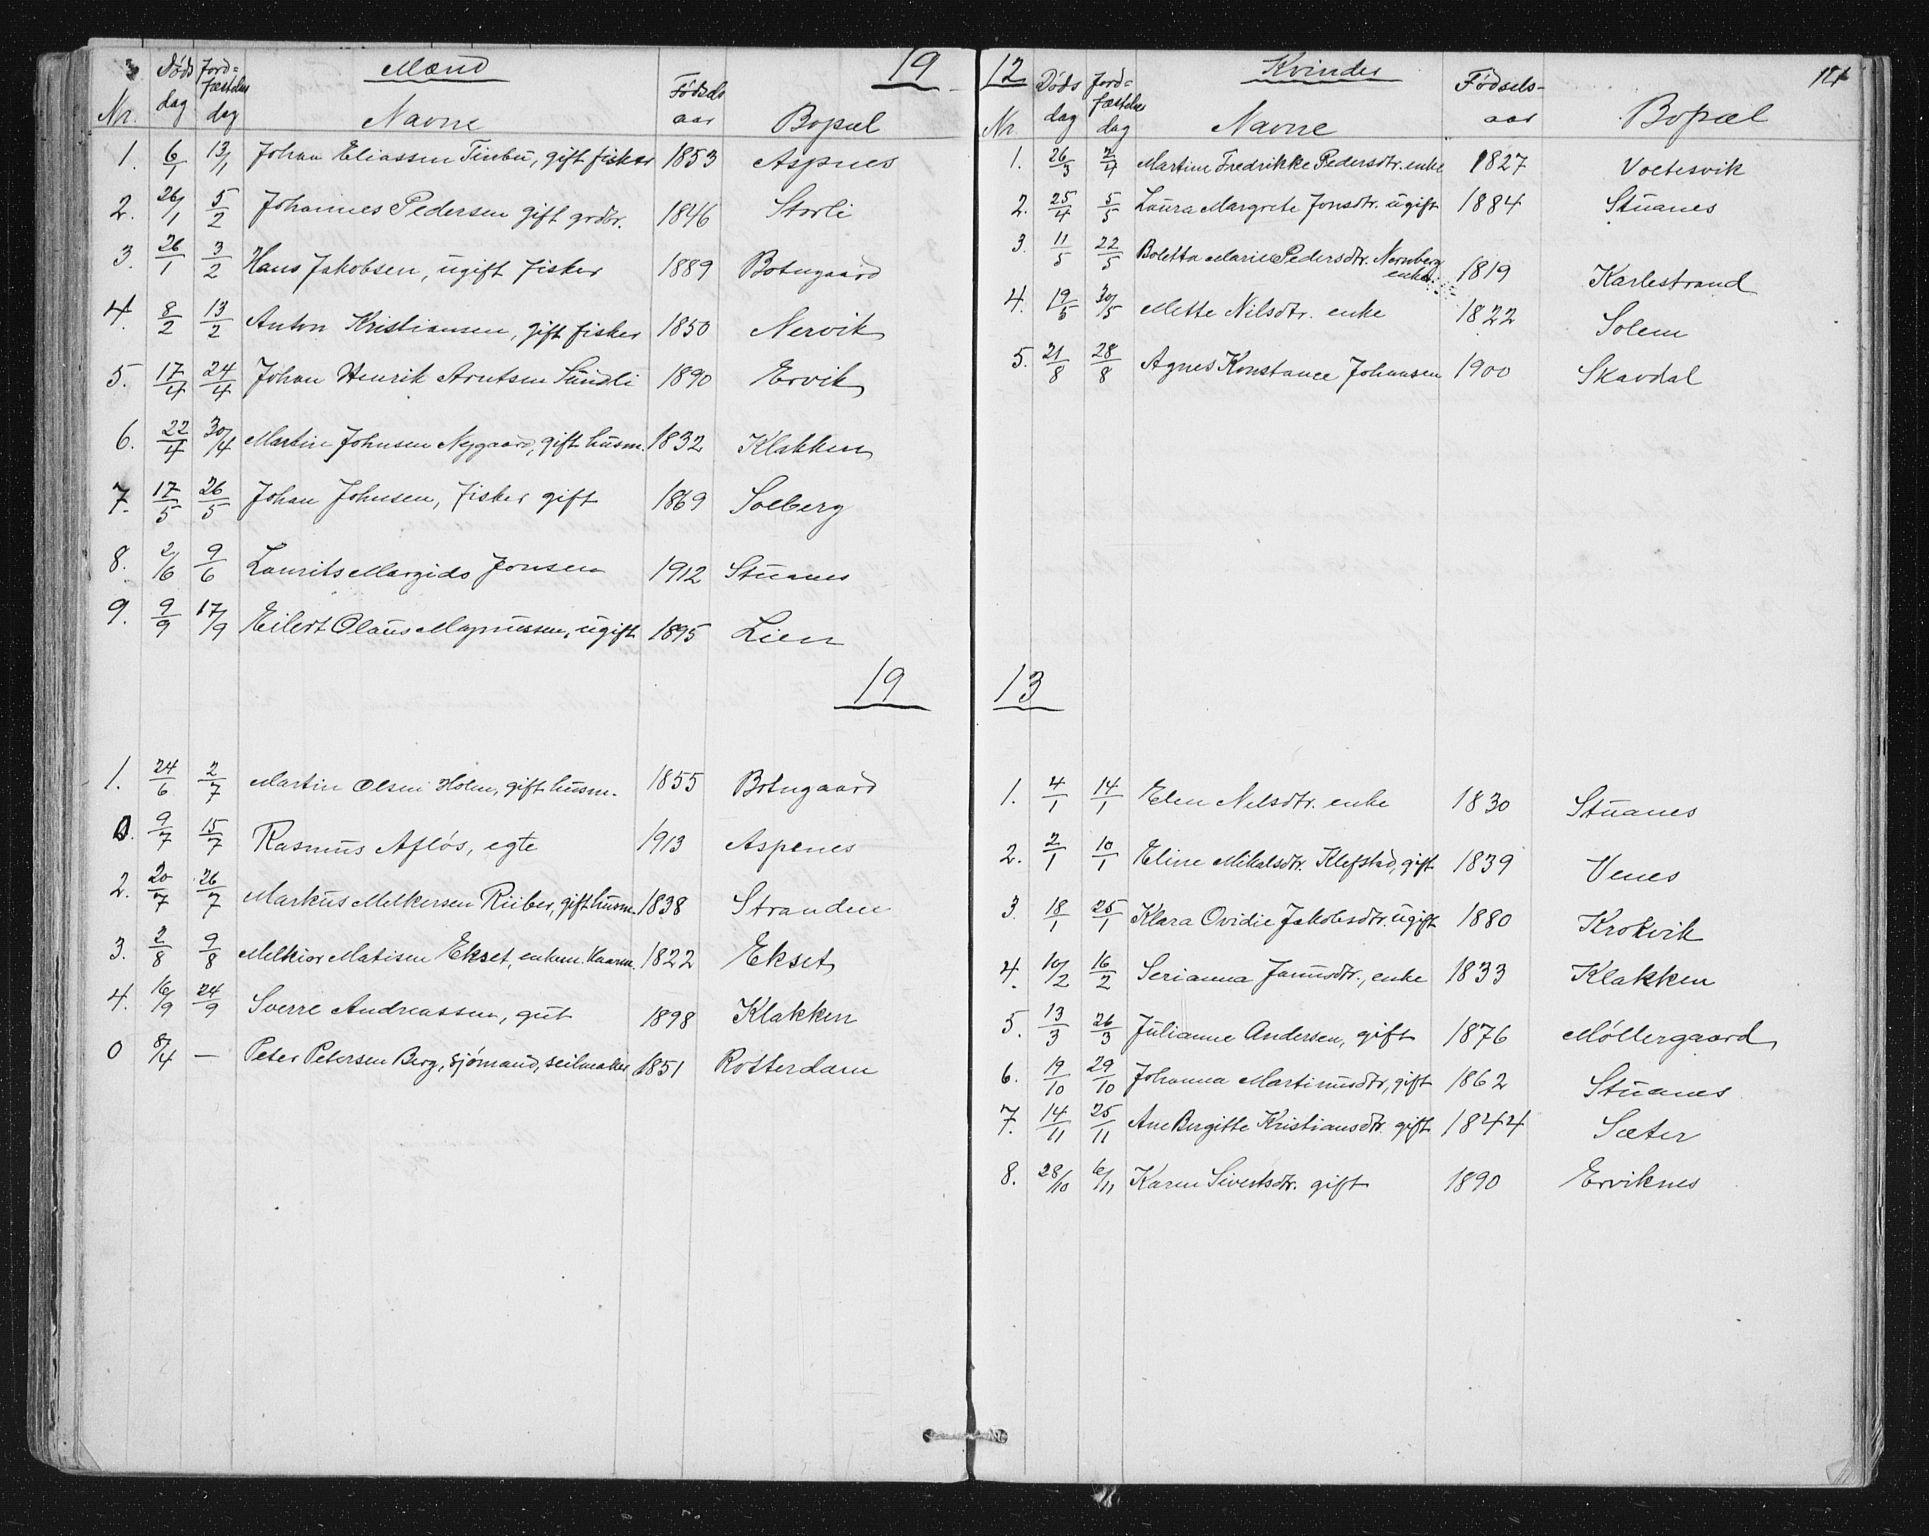 SAT, Ministerialprotokoller, klokkerbøker og fødselsregistre - Sør-Trøndelag, 651/L0647: Klokkerbok nr. 651C01, 1866-1914, s. 121